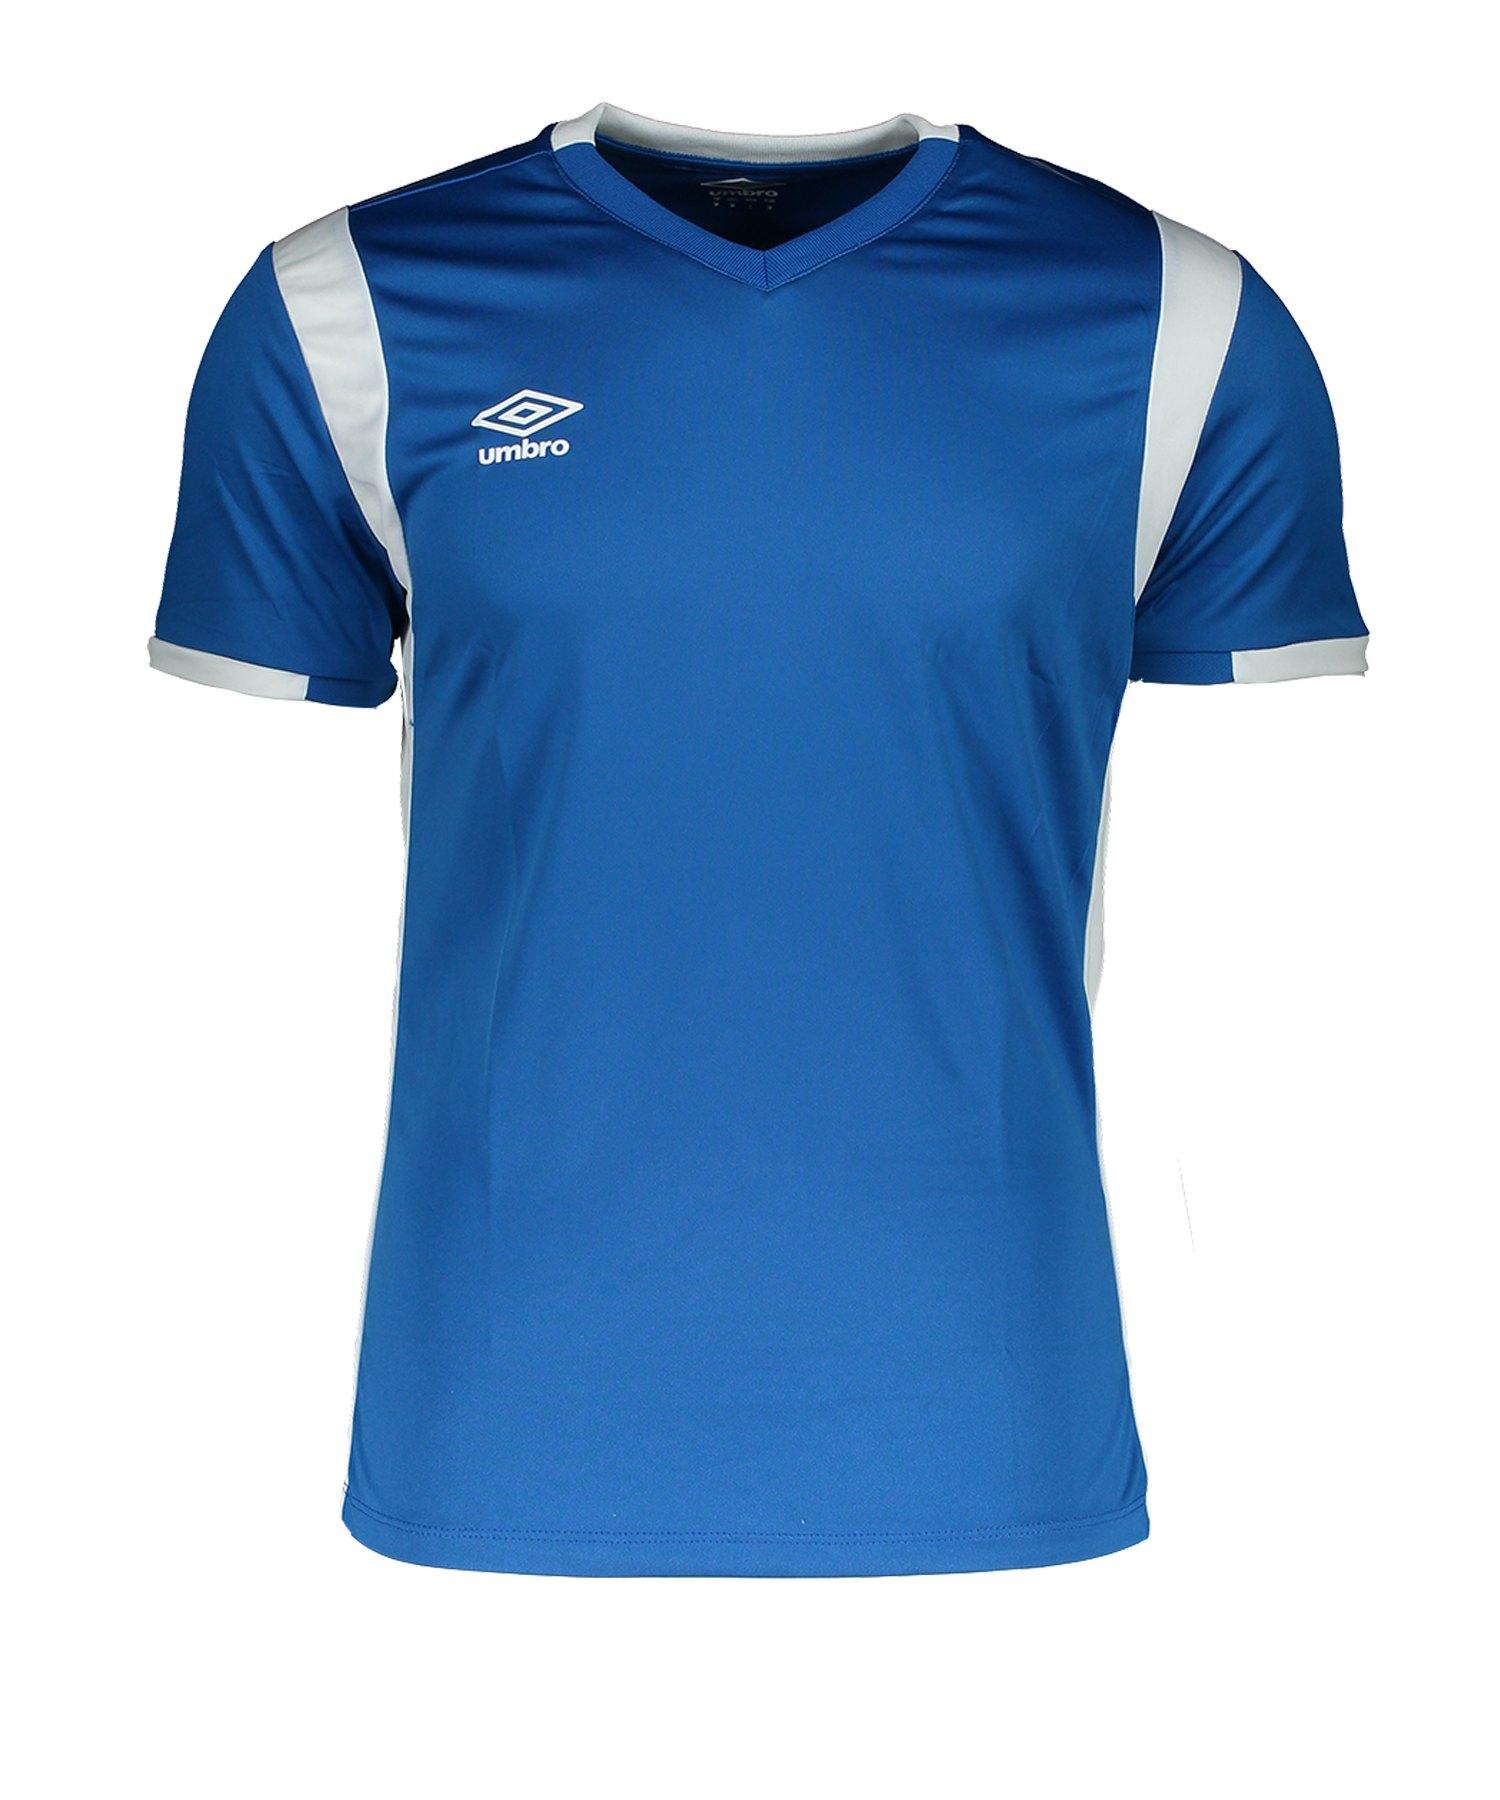 Umbro Spartan T-Shirt Blau FDX4 - Blau